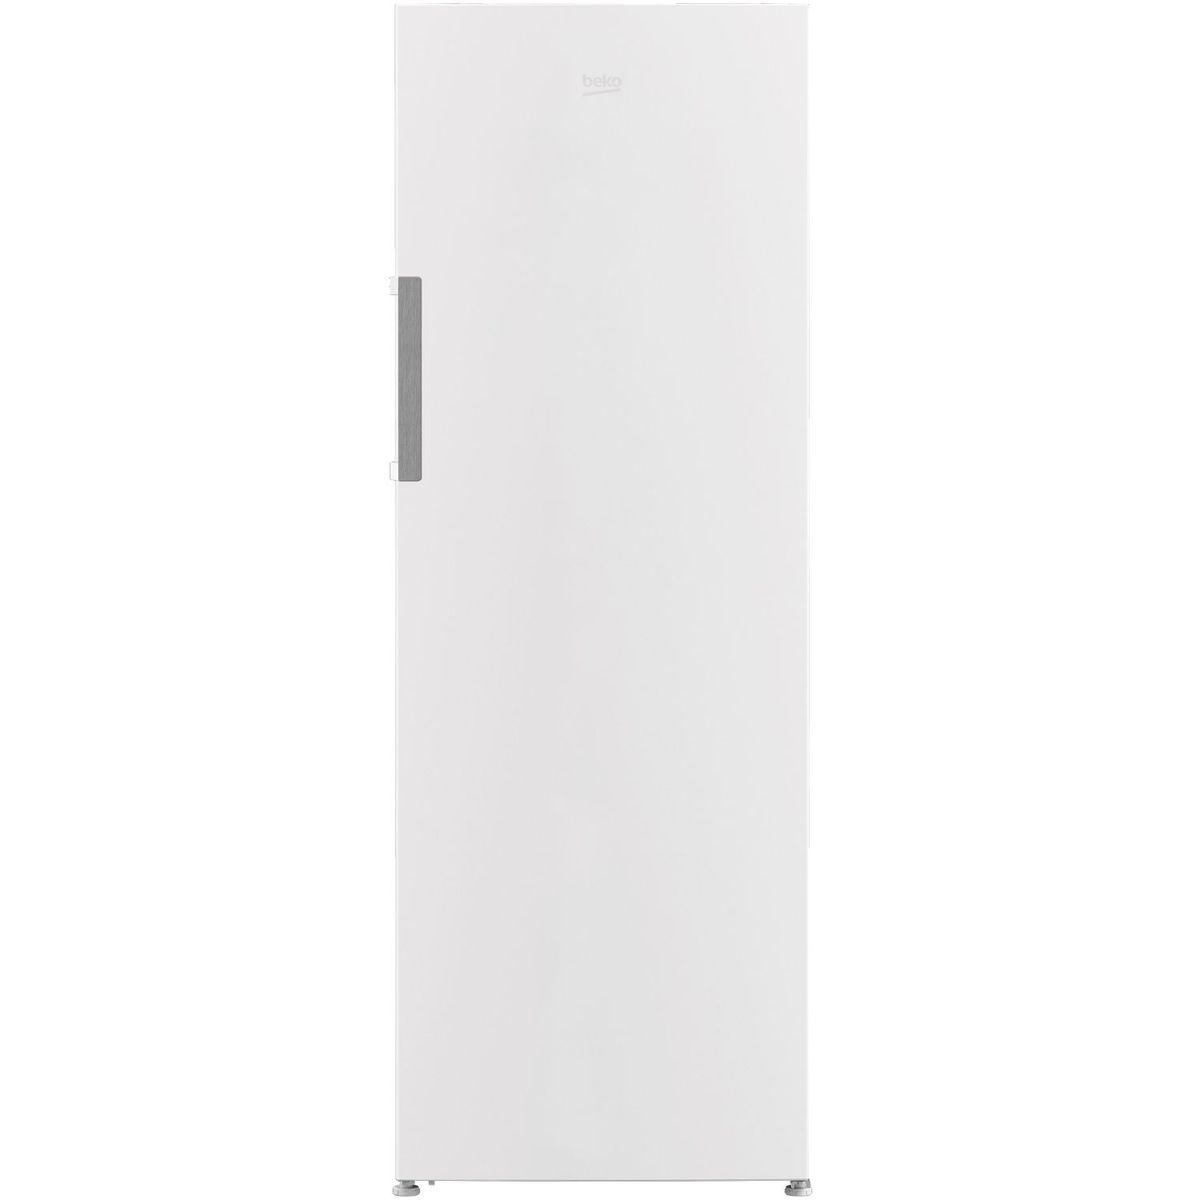 Réfrigérateur armoire RSSE415M21W, 367 L, Froid statique